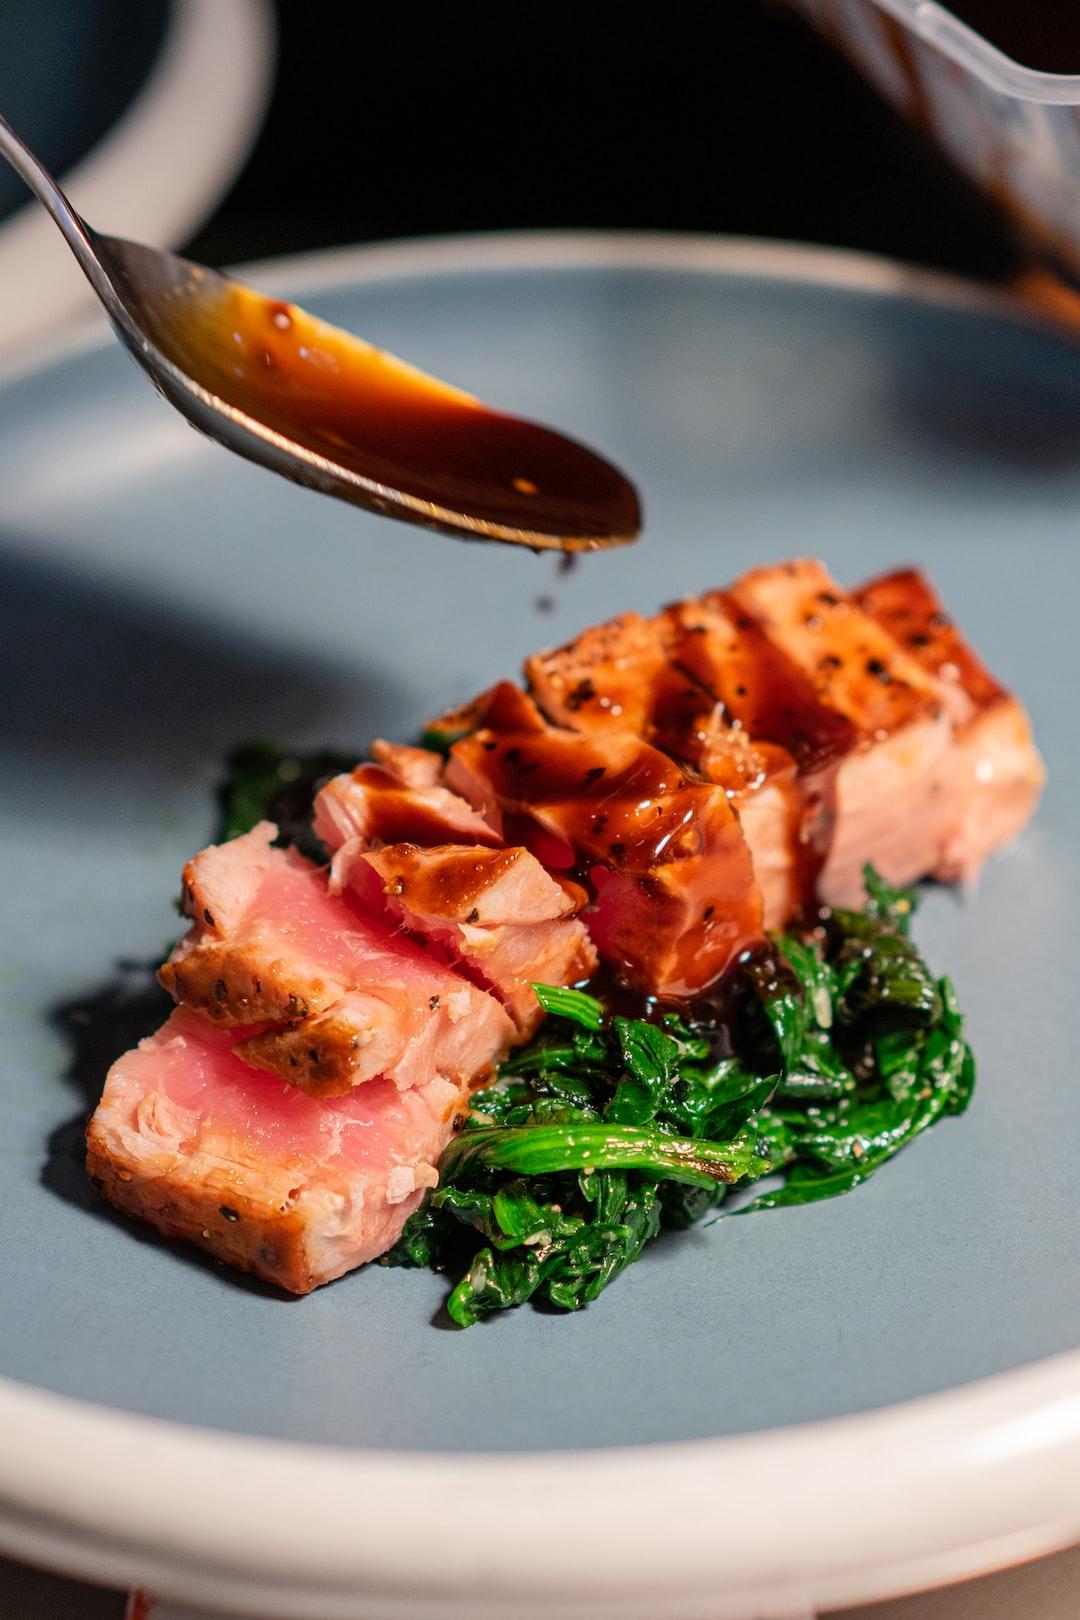 Nice colors and compo - Tuna Teriyaki by Chef Stephane